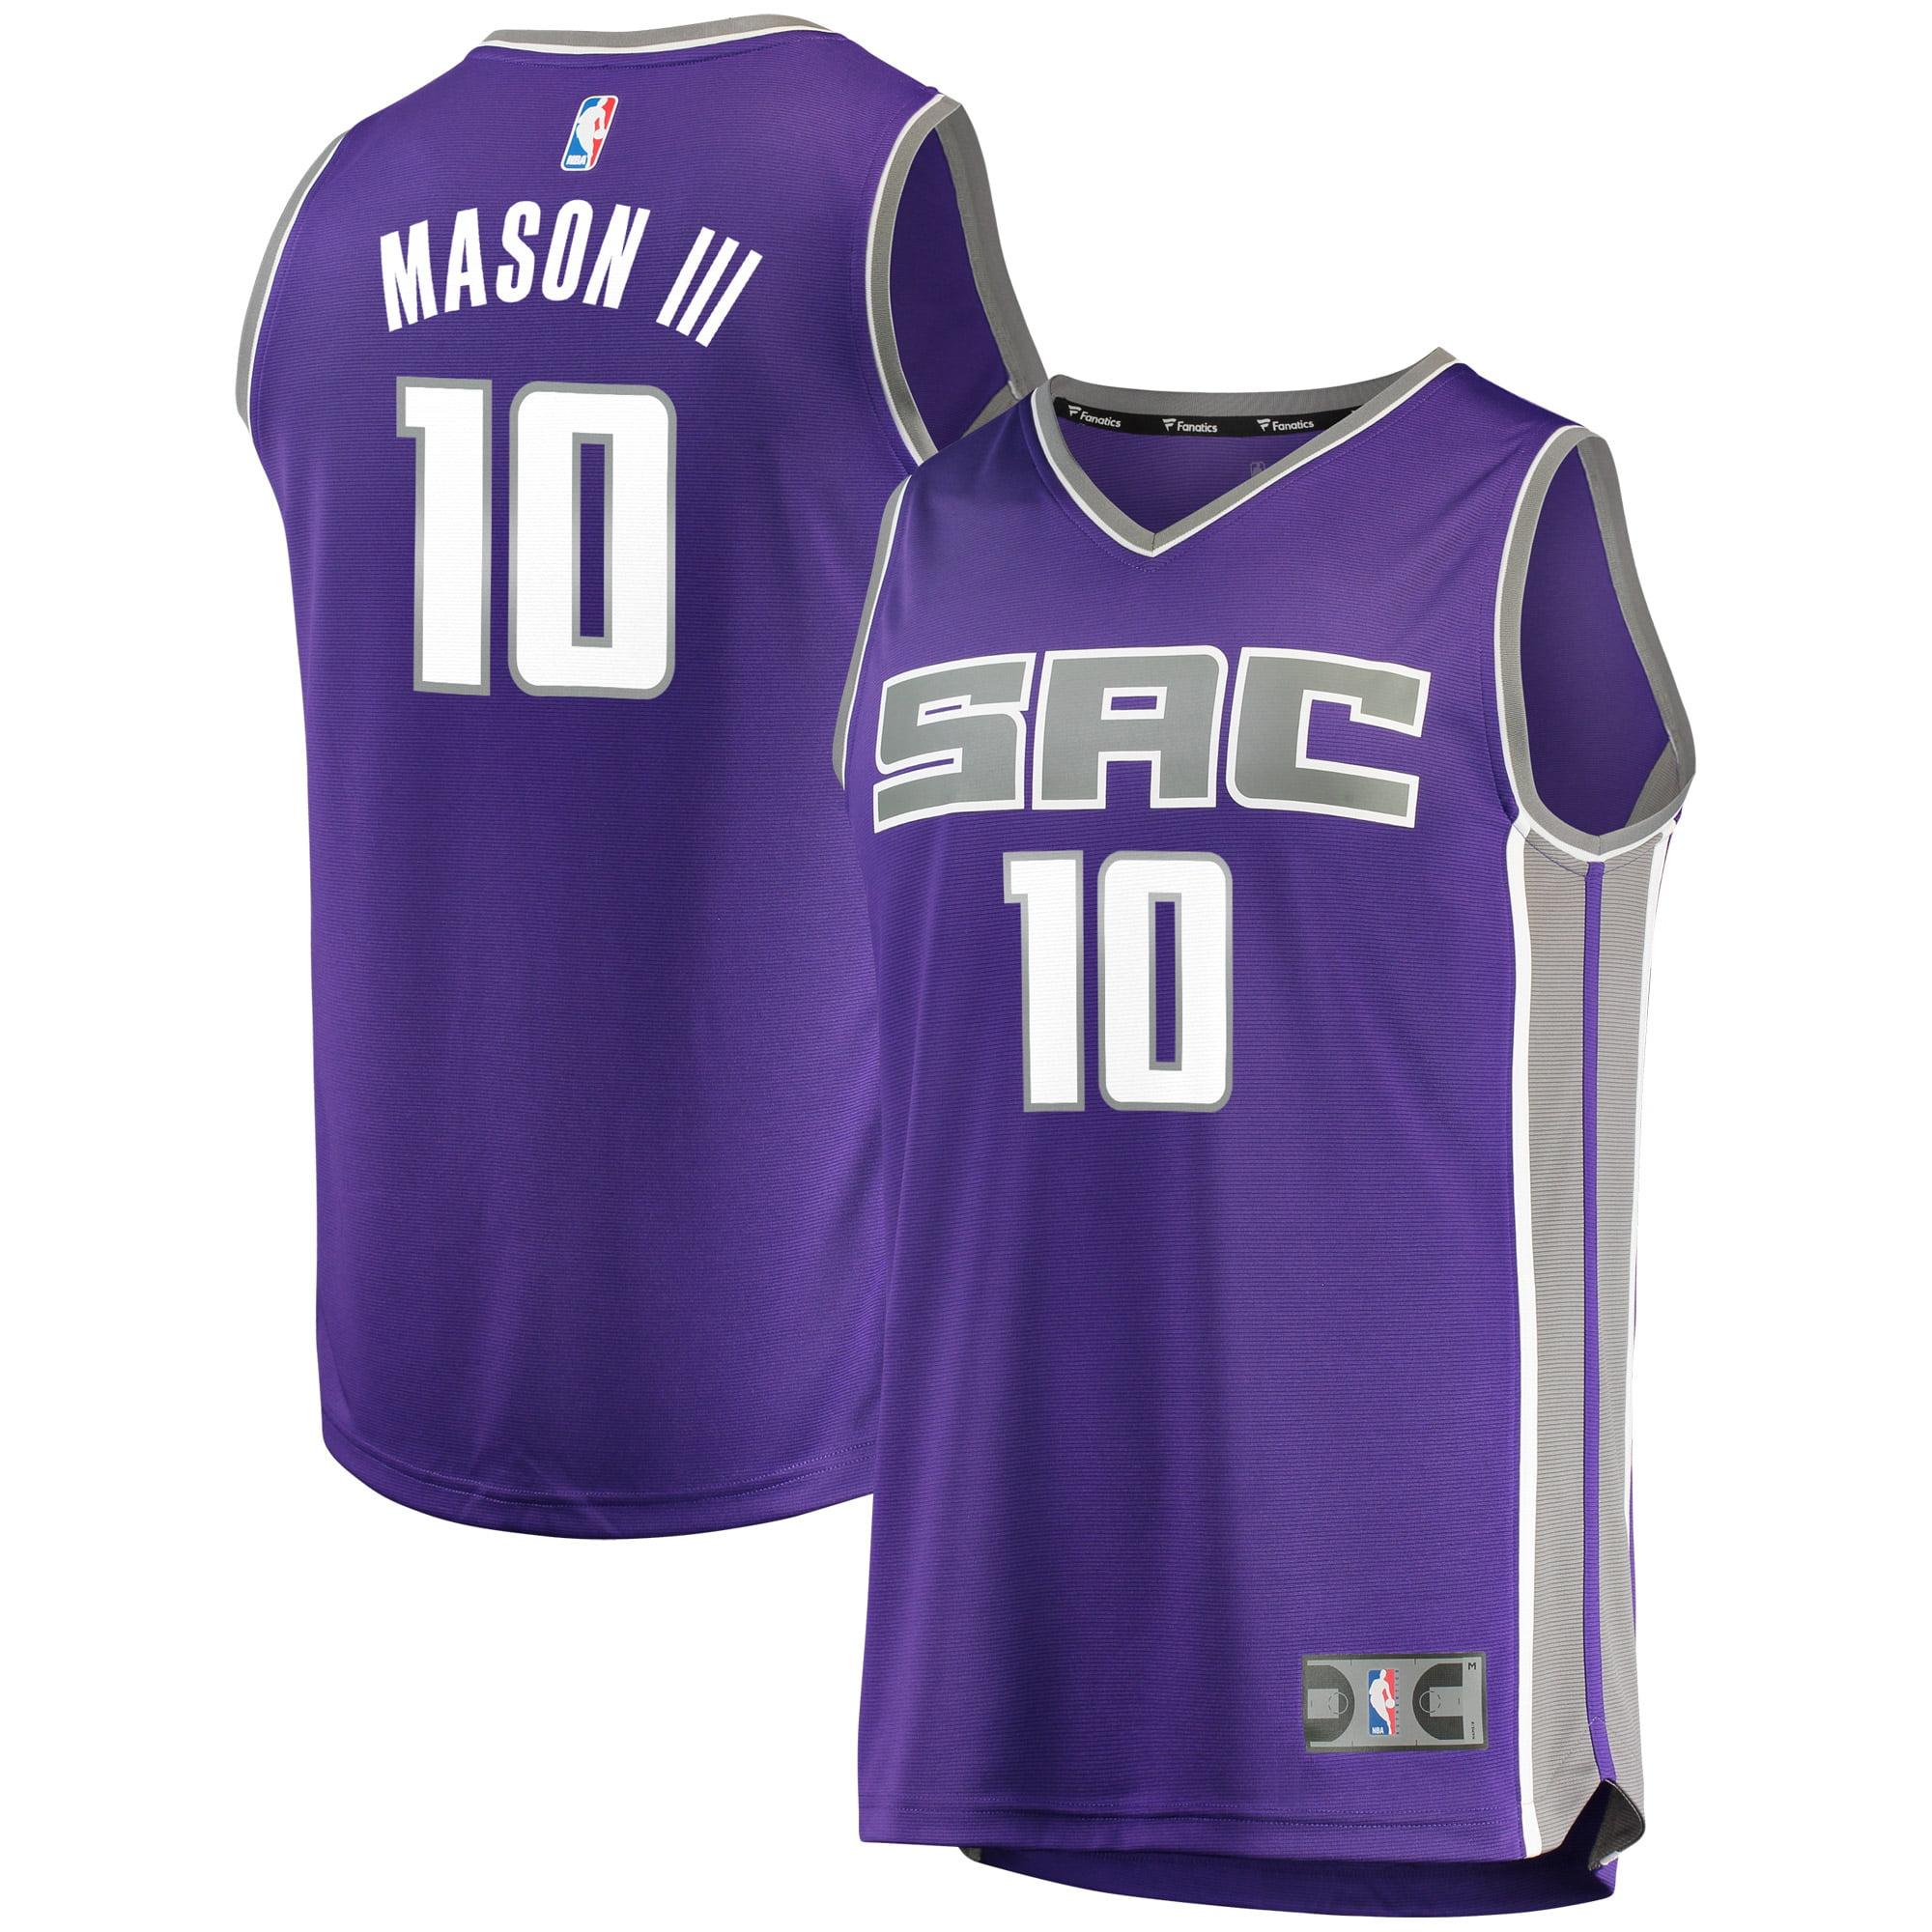 Frank Mason III Sacramento Kings Fanatics Branded Fast Break Road Replica Player Jersey - Purple